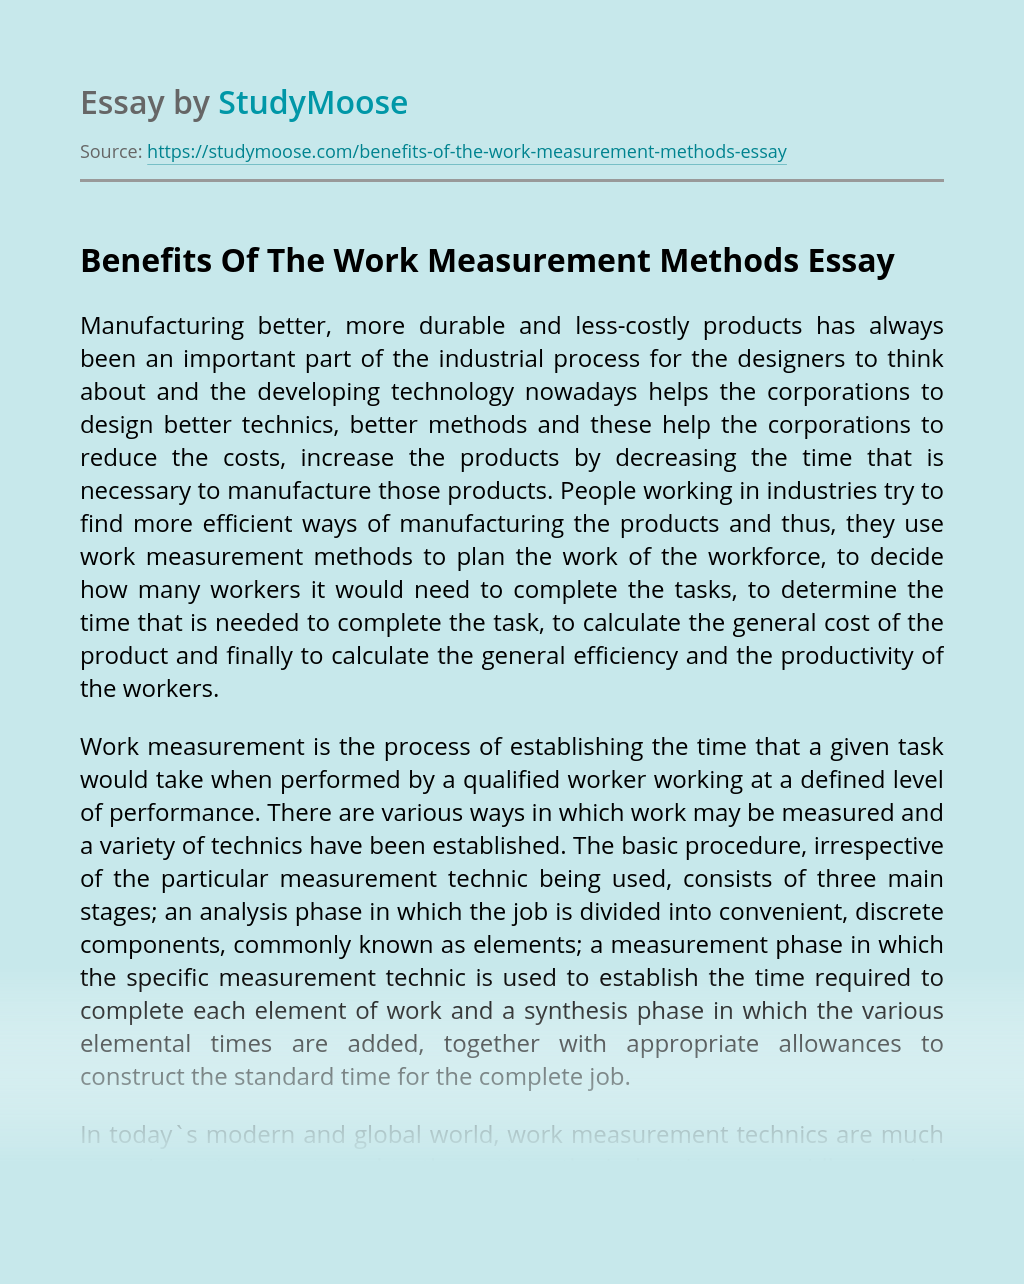 Benefits Of The Work Measurement Methods